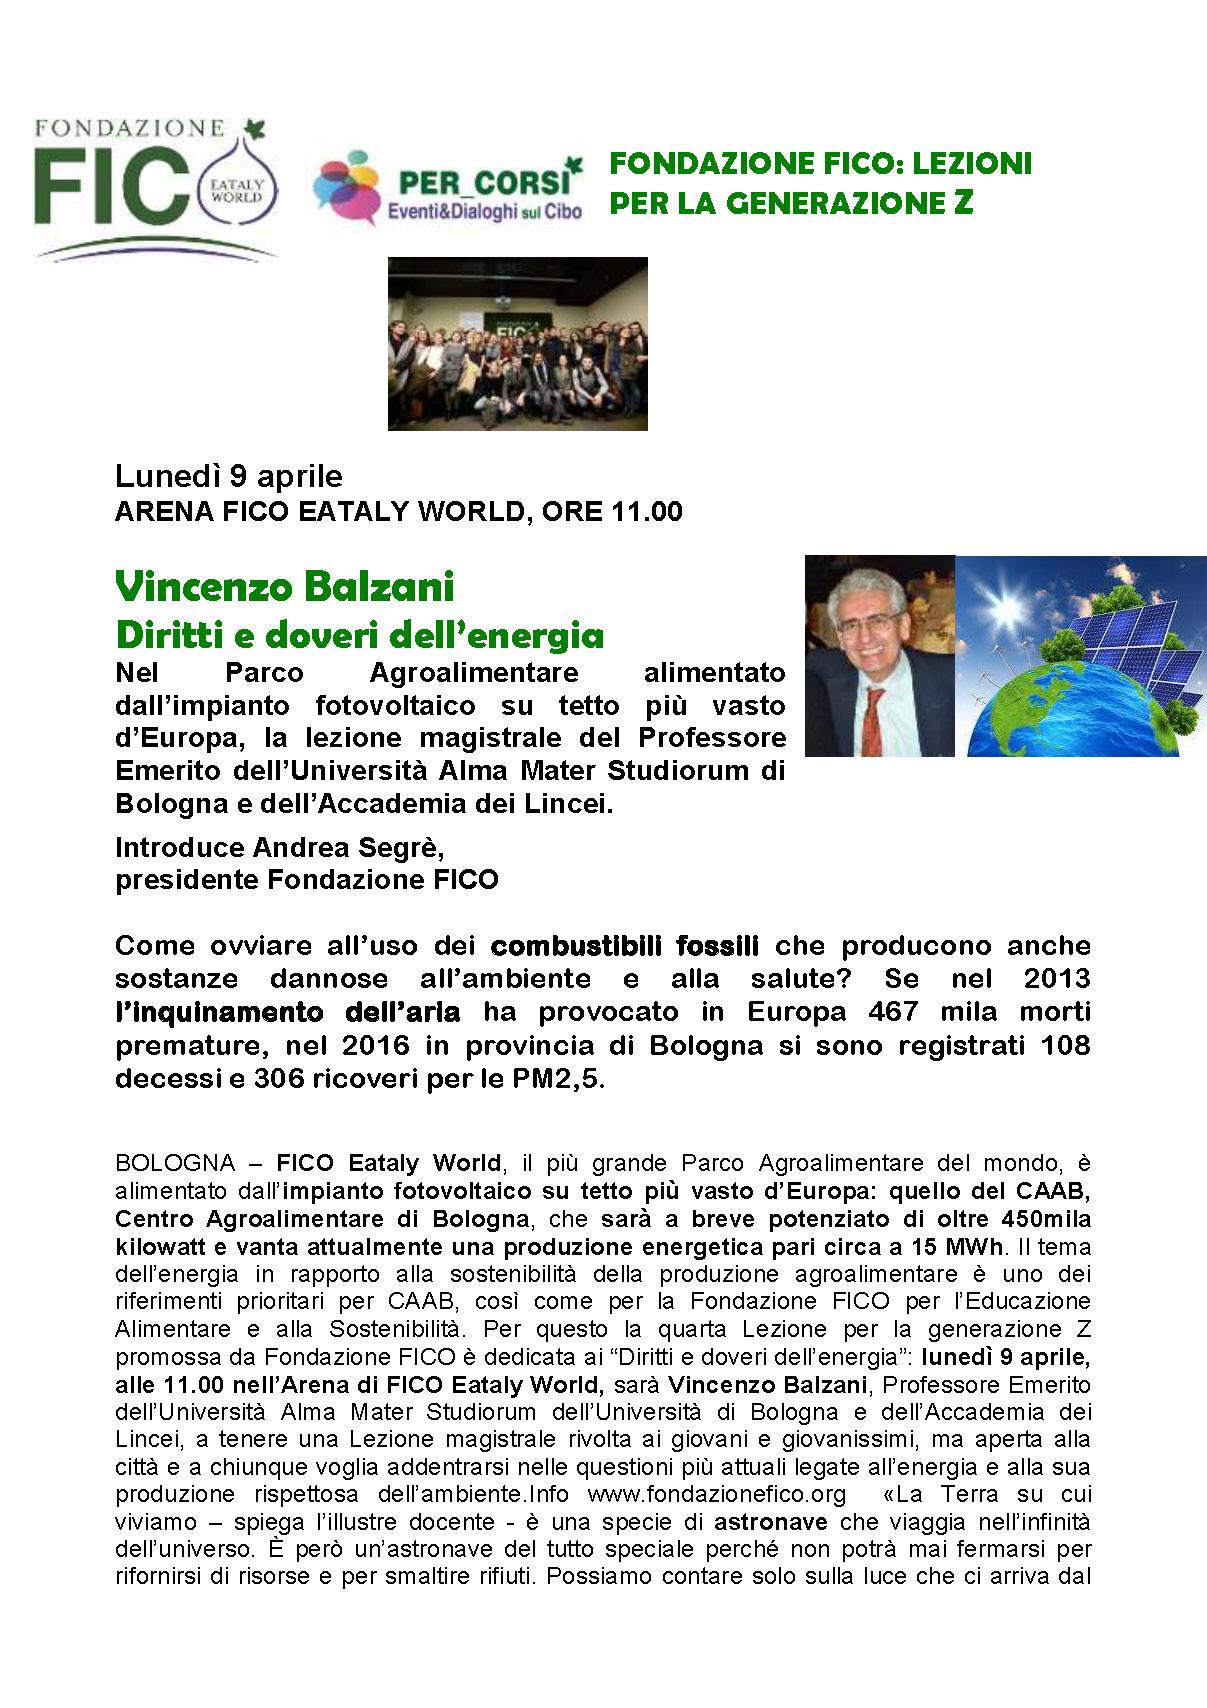 CS-0046-Energia-Vincenzo-Balzani-09-04-2018_Pagina_1